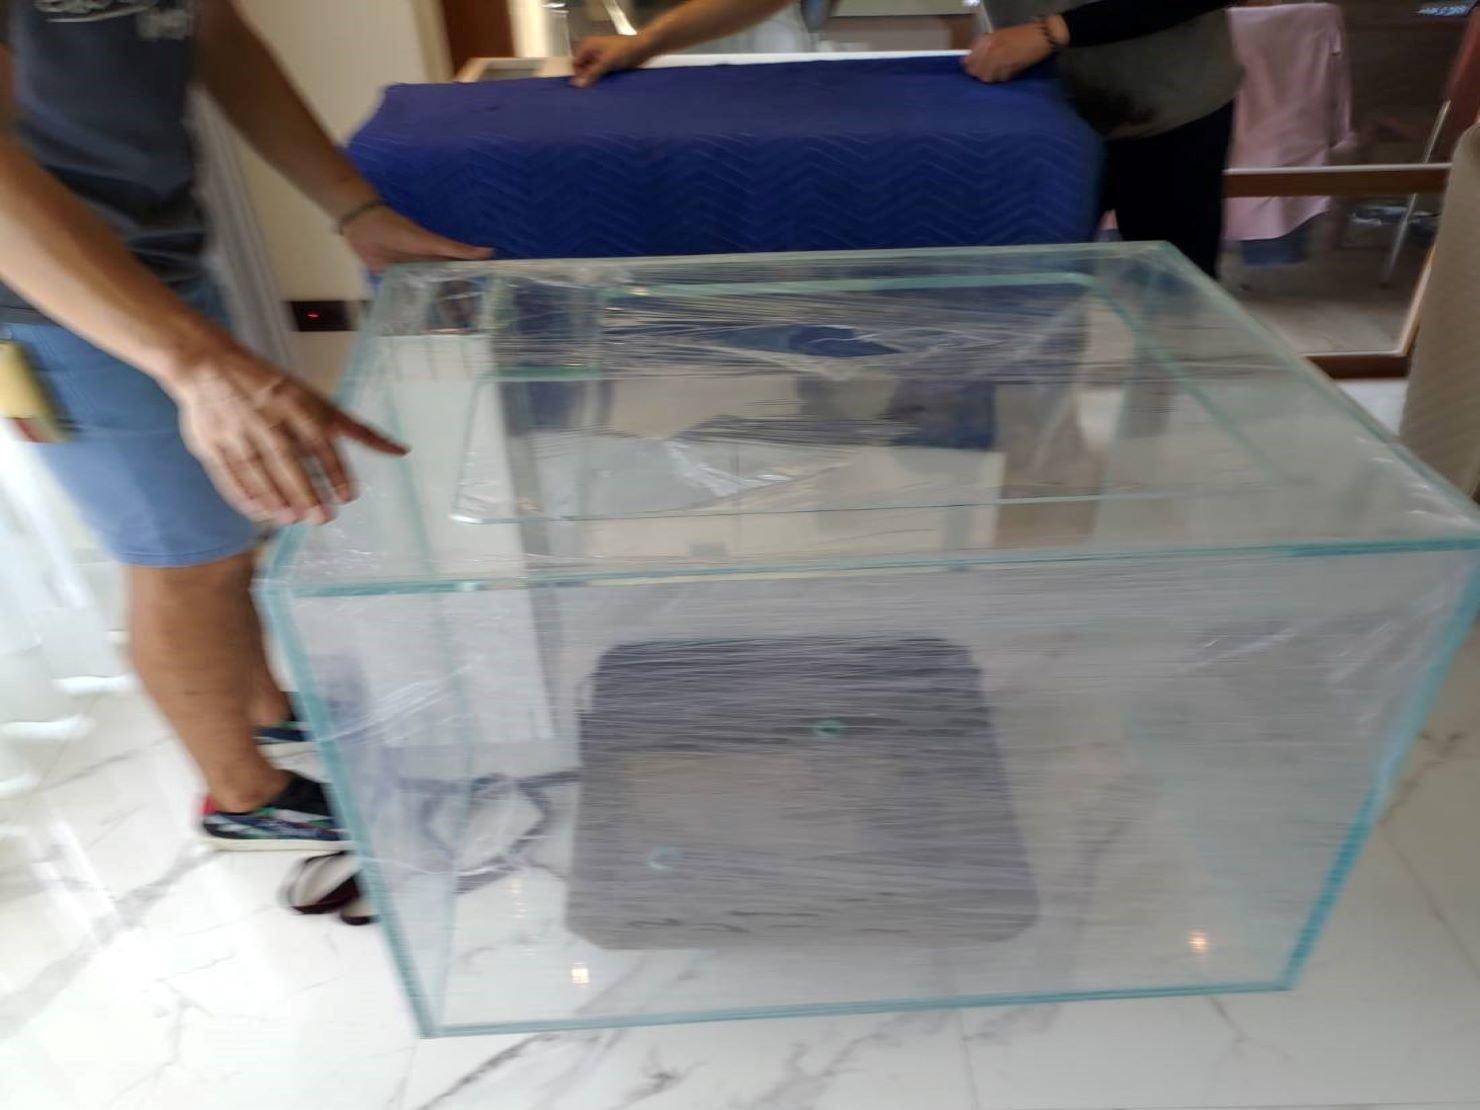 搬魚缸【榮福搬家】搬重物、搬金庫、台北搬家推薦:此為第一層防護包裝,避免玻璃魚缸表面在搬運途中遭受到刮傷